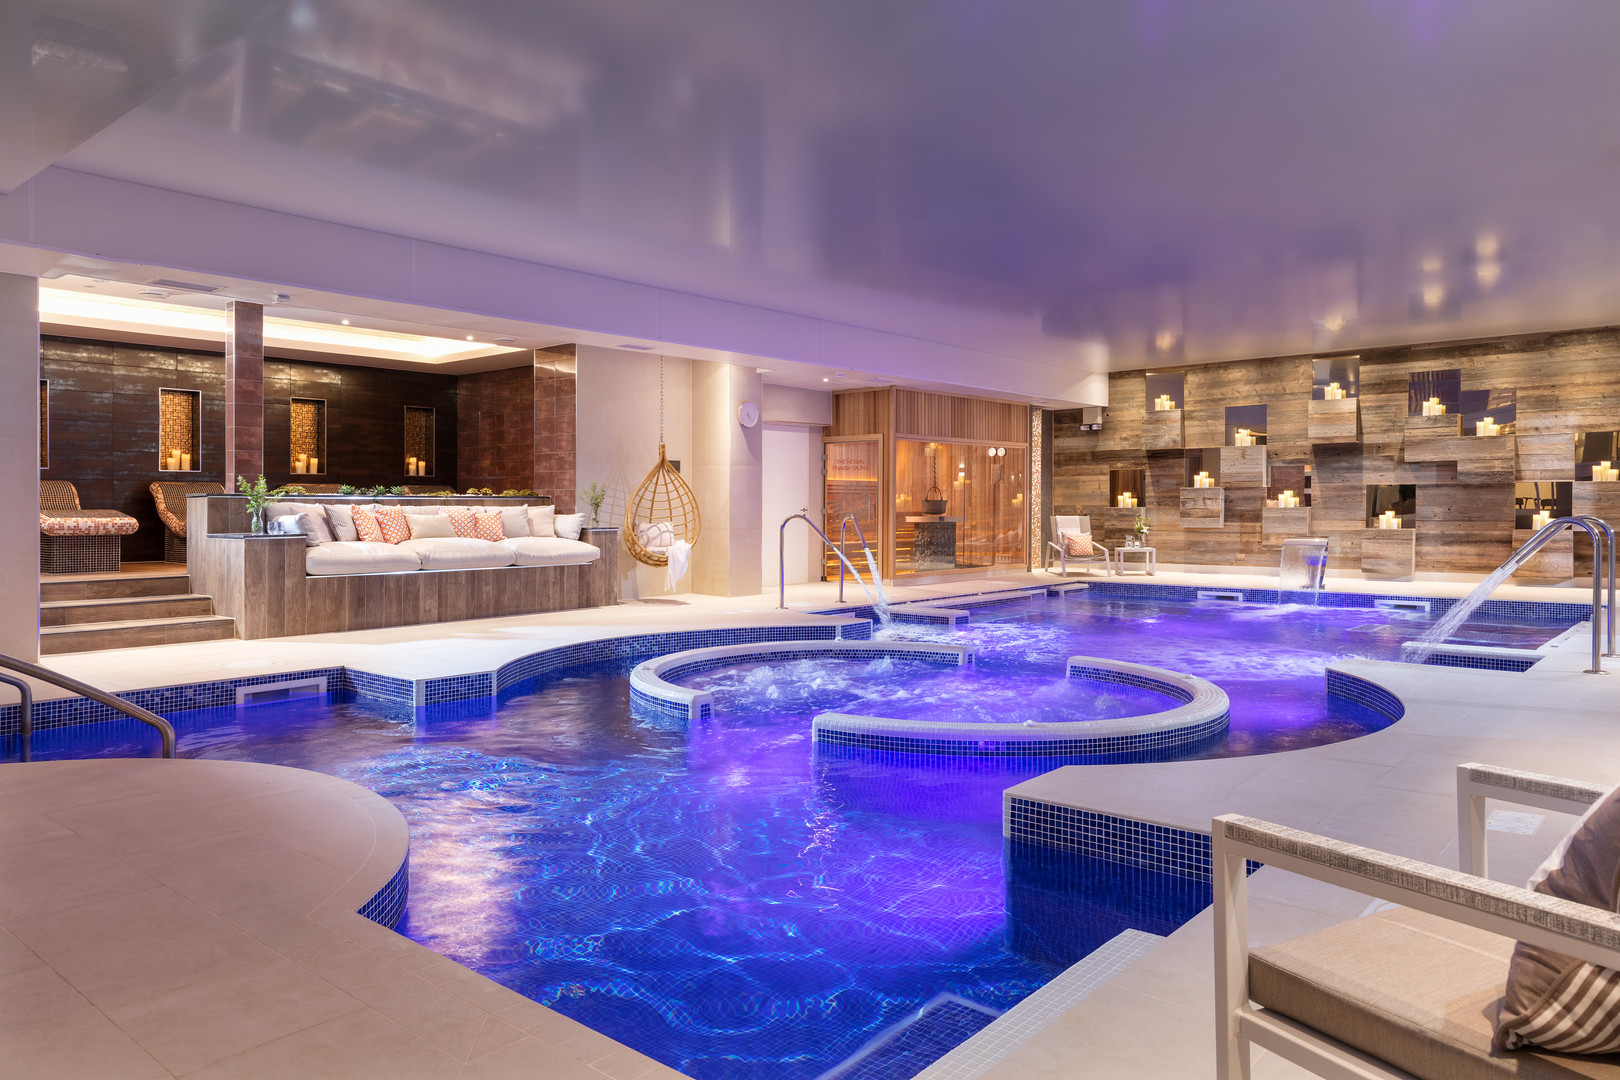 St Michaels Spa Pool